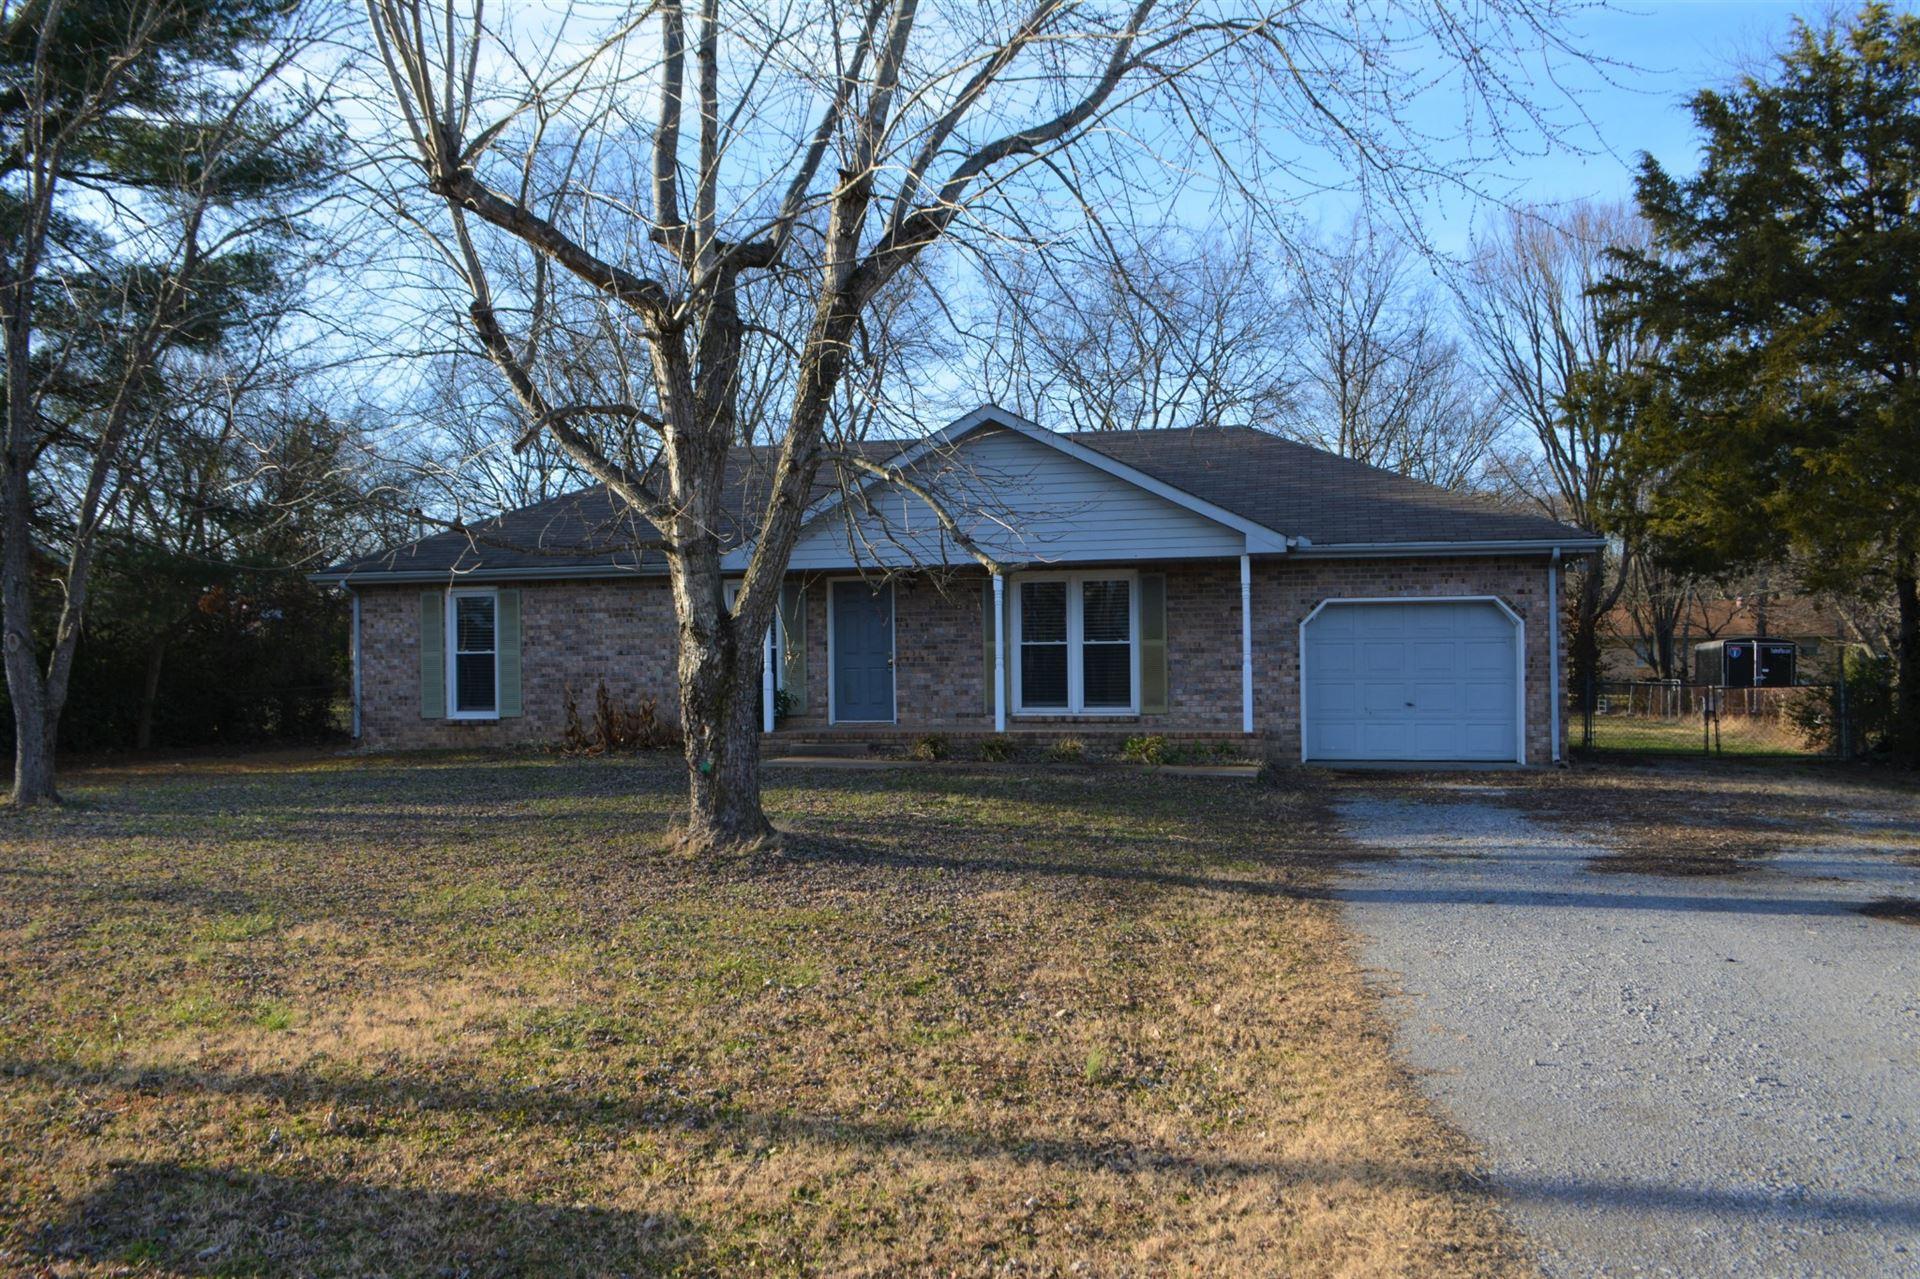 6619 Keystone Dr, Murfreesboro, TN 37129 - MLS#: 2216064